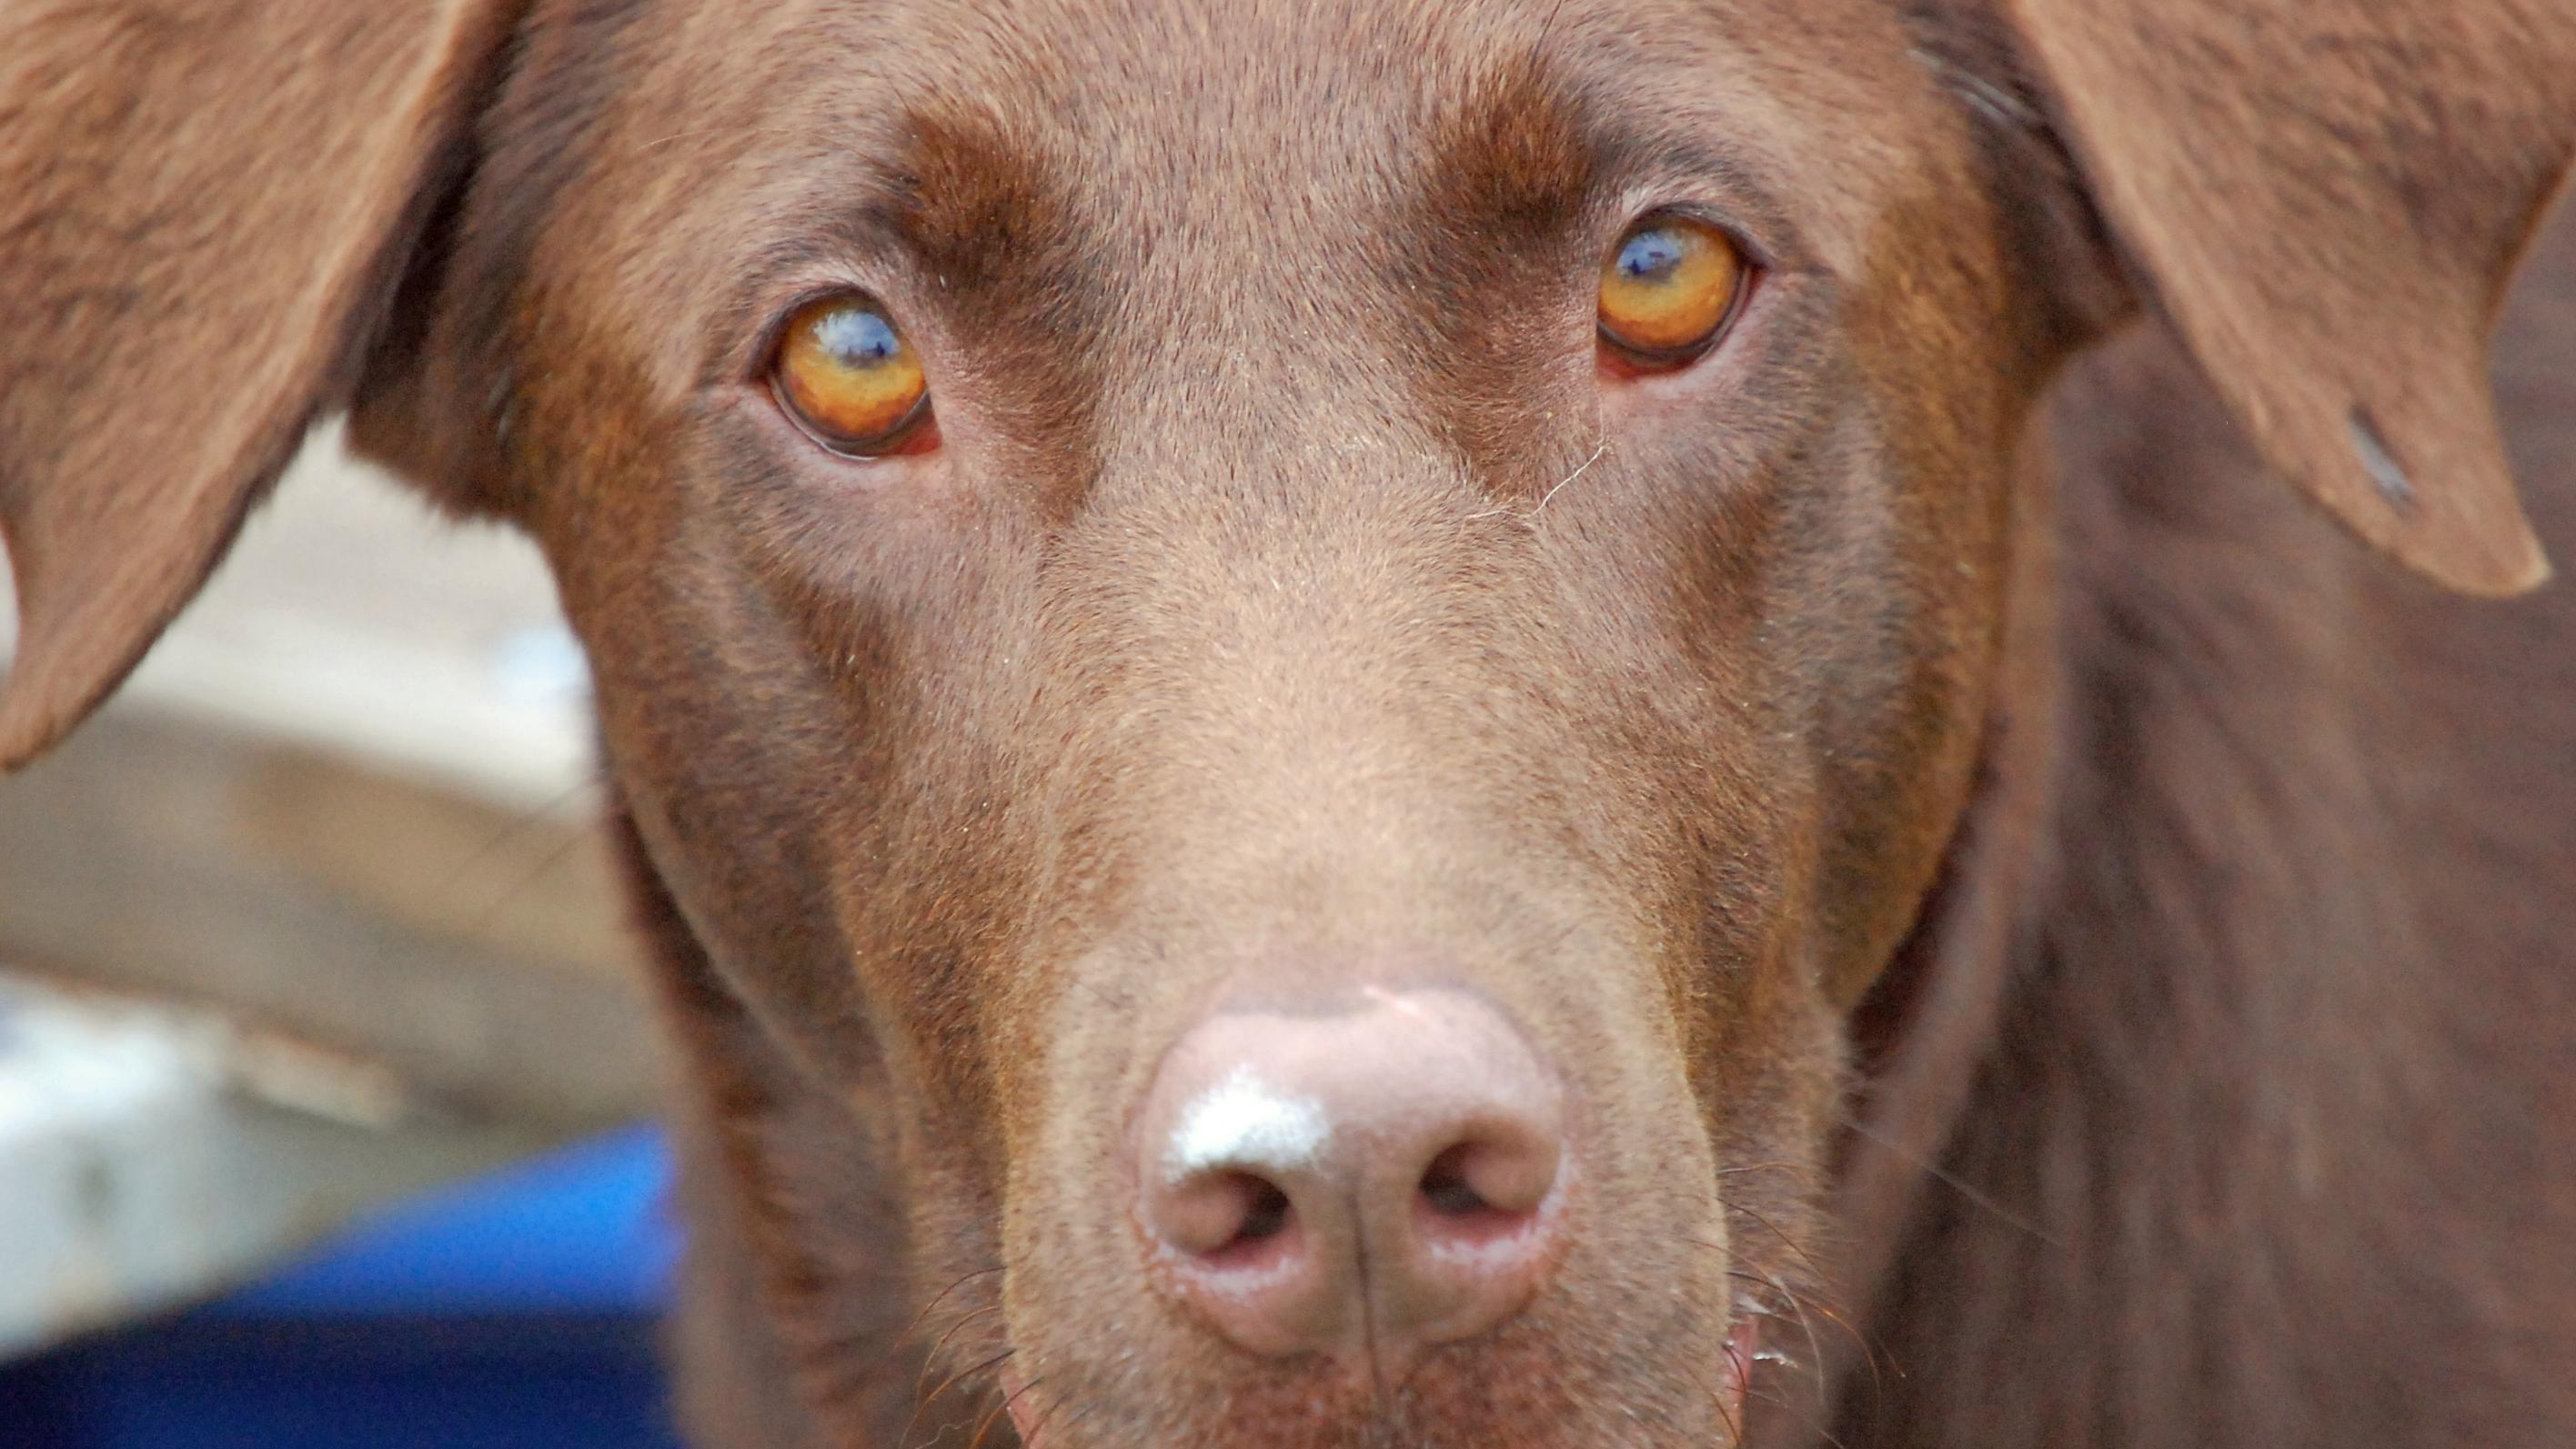 Besonders bei älteren Hunden steigt die Wahrscheinlichkeit für eine Demenzerkrankung.